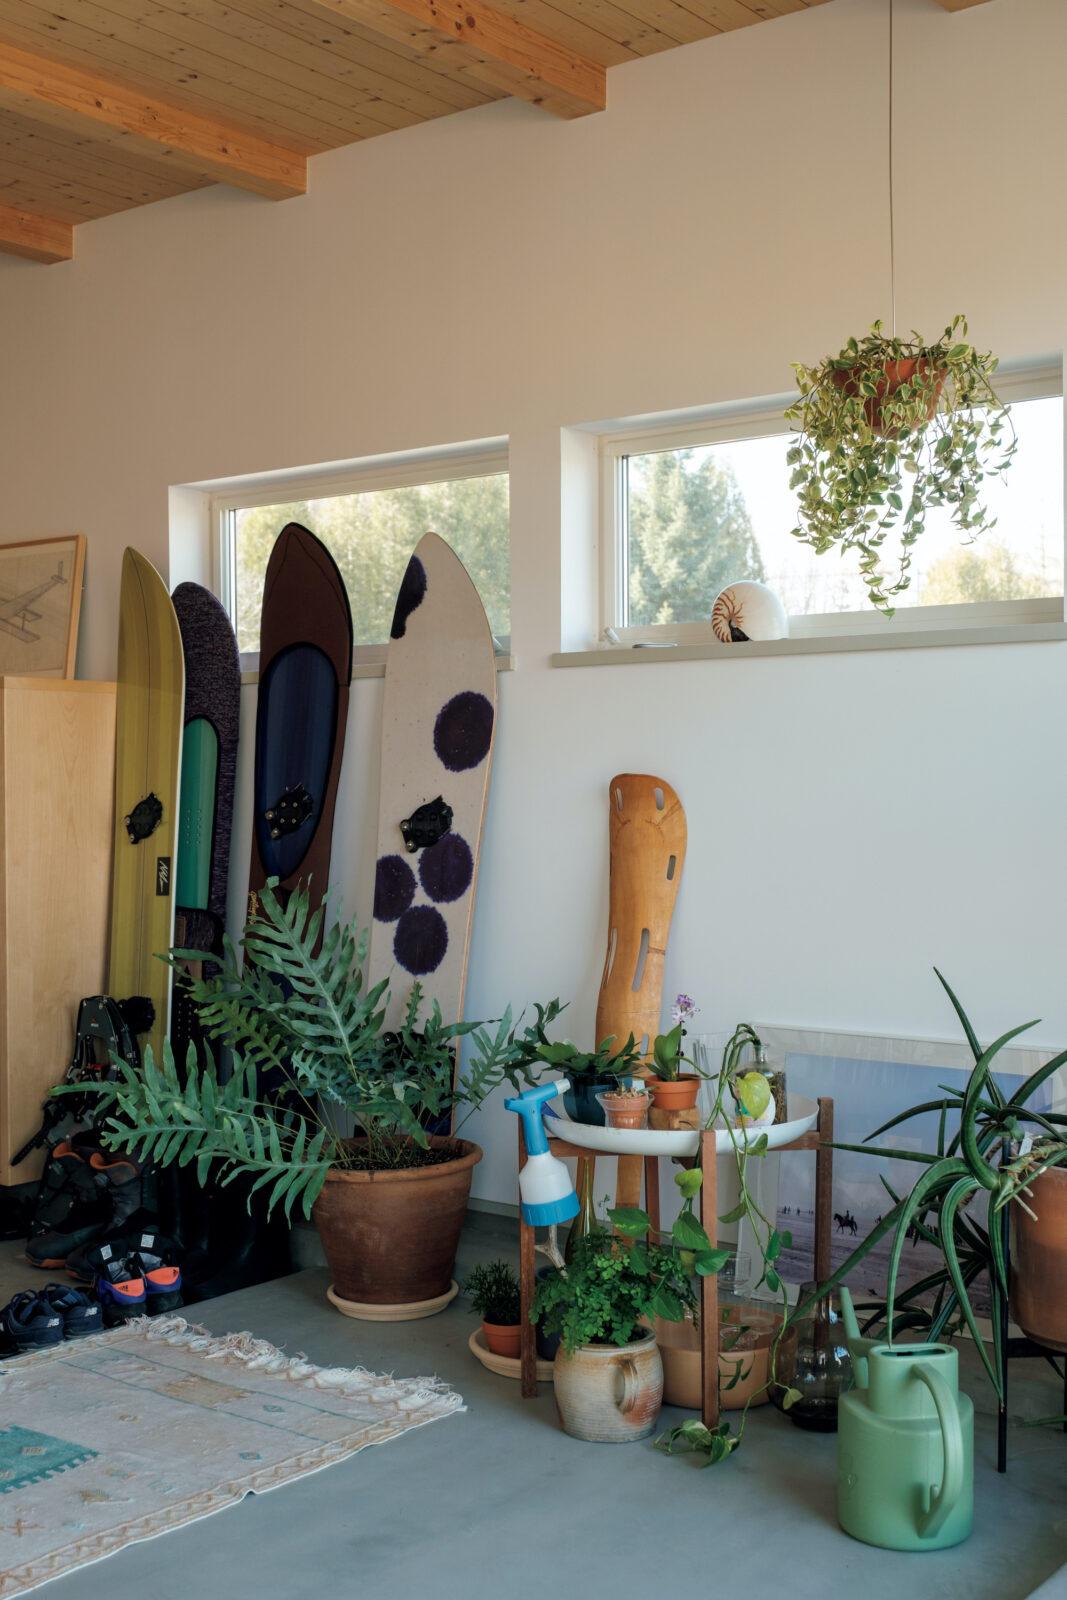 グリーンルームの一角。夫婦で育てる観葉植物の越冬には欠かせないスペースでもある。冬は富良野やトマムにスノーボードに出かけるという2人。ボードはすべてゲンテンスティック。